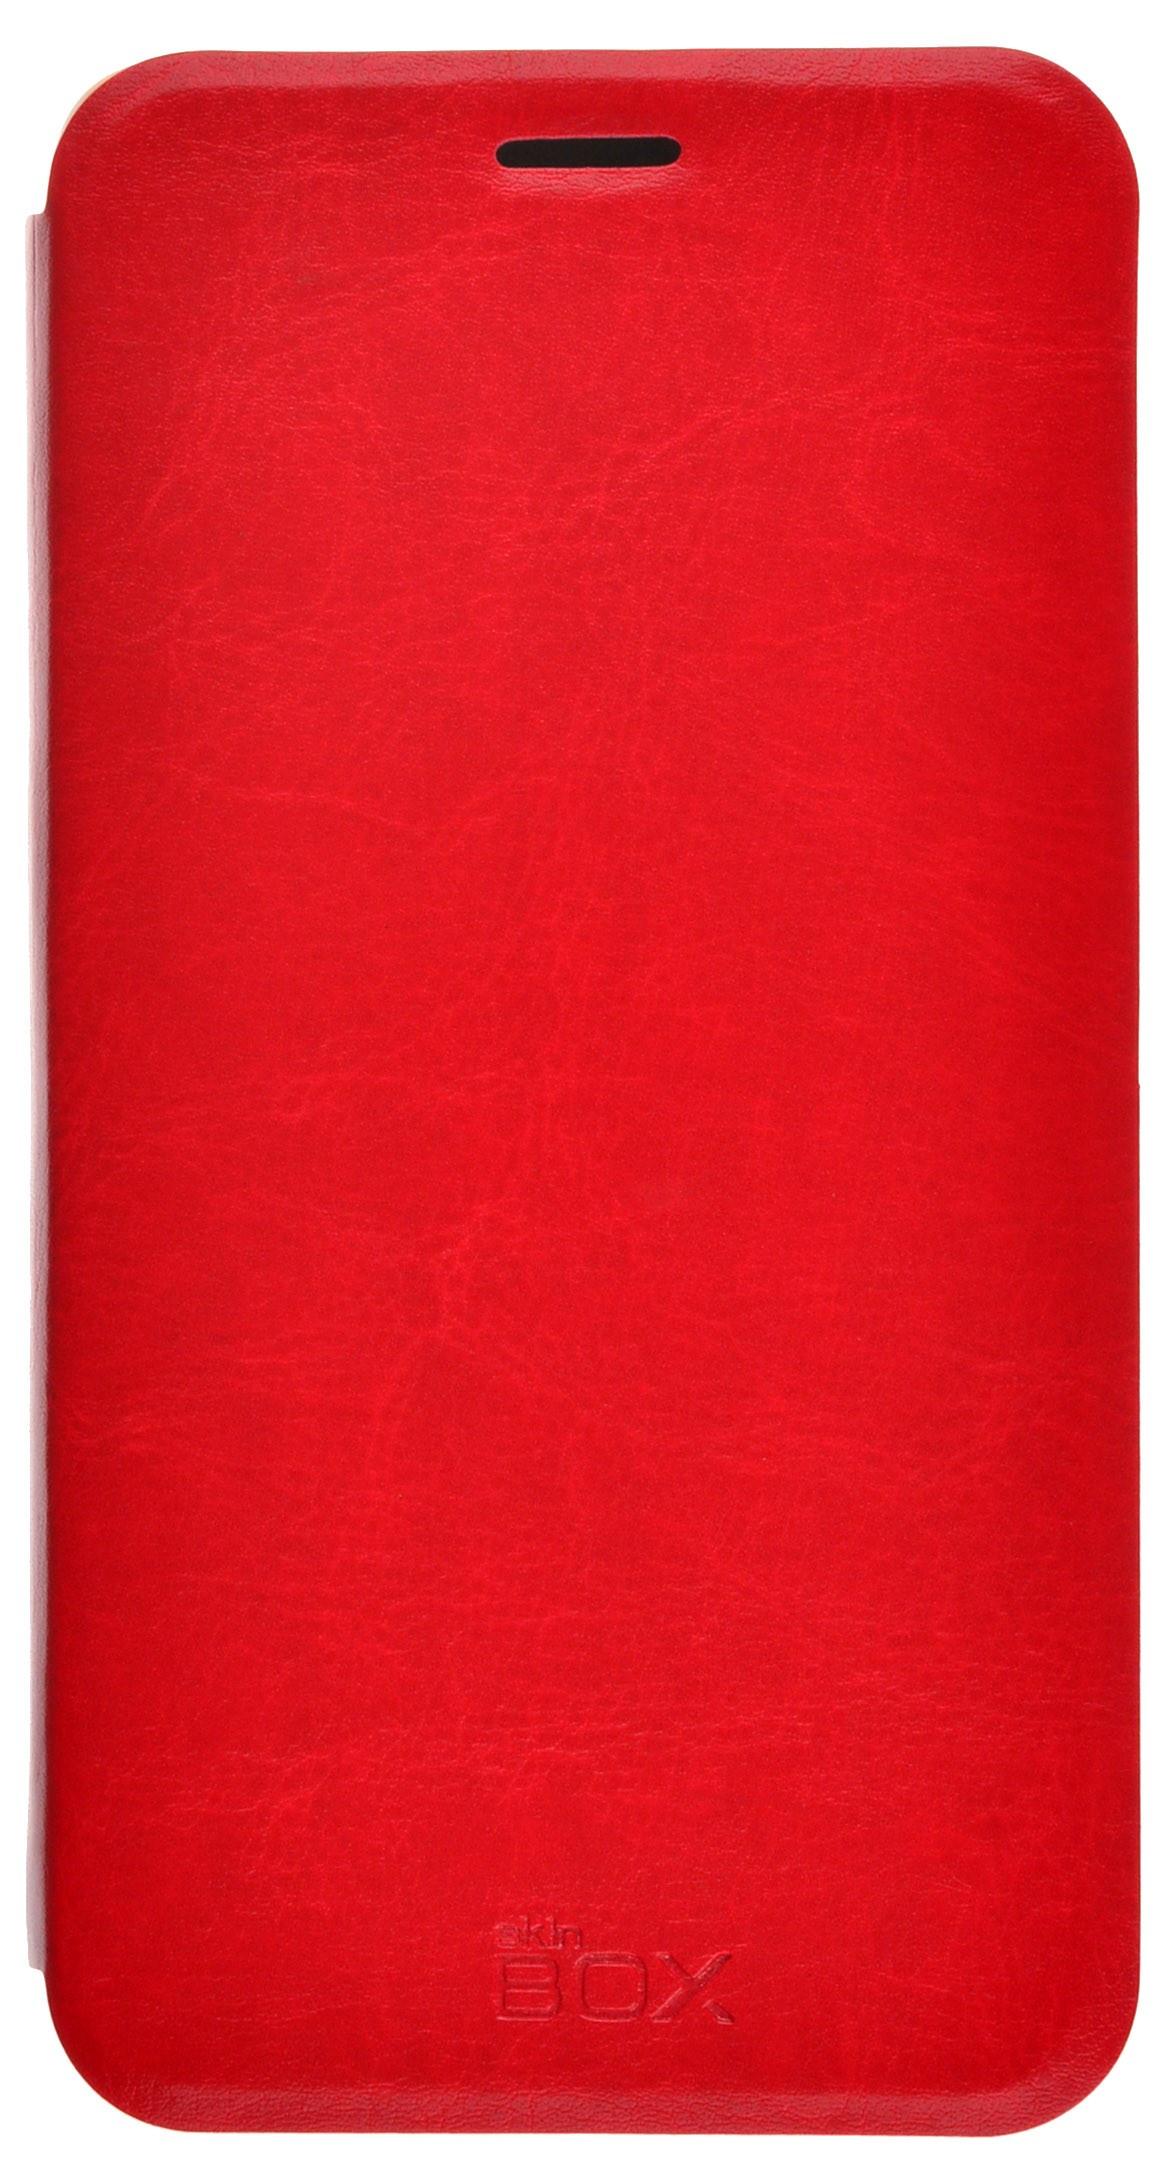 Чехол для сотового телефона skinBOX Lux, 4630042528352, красный цена и фото